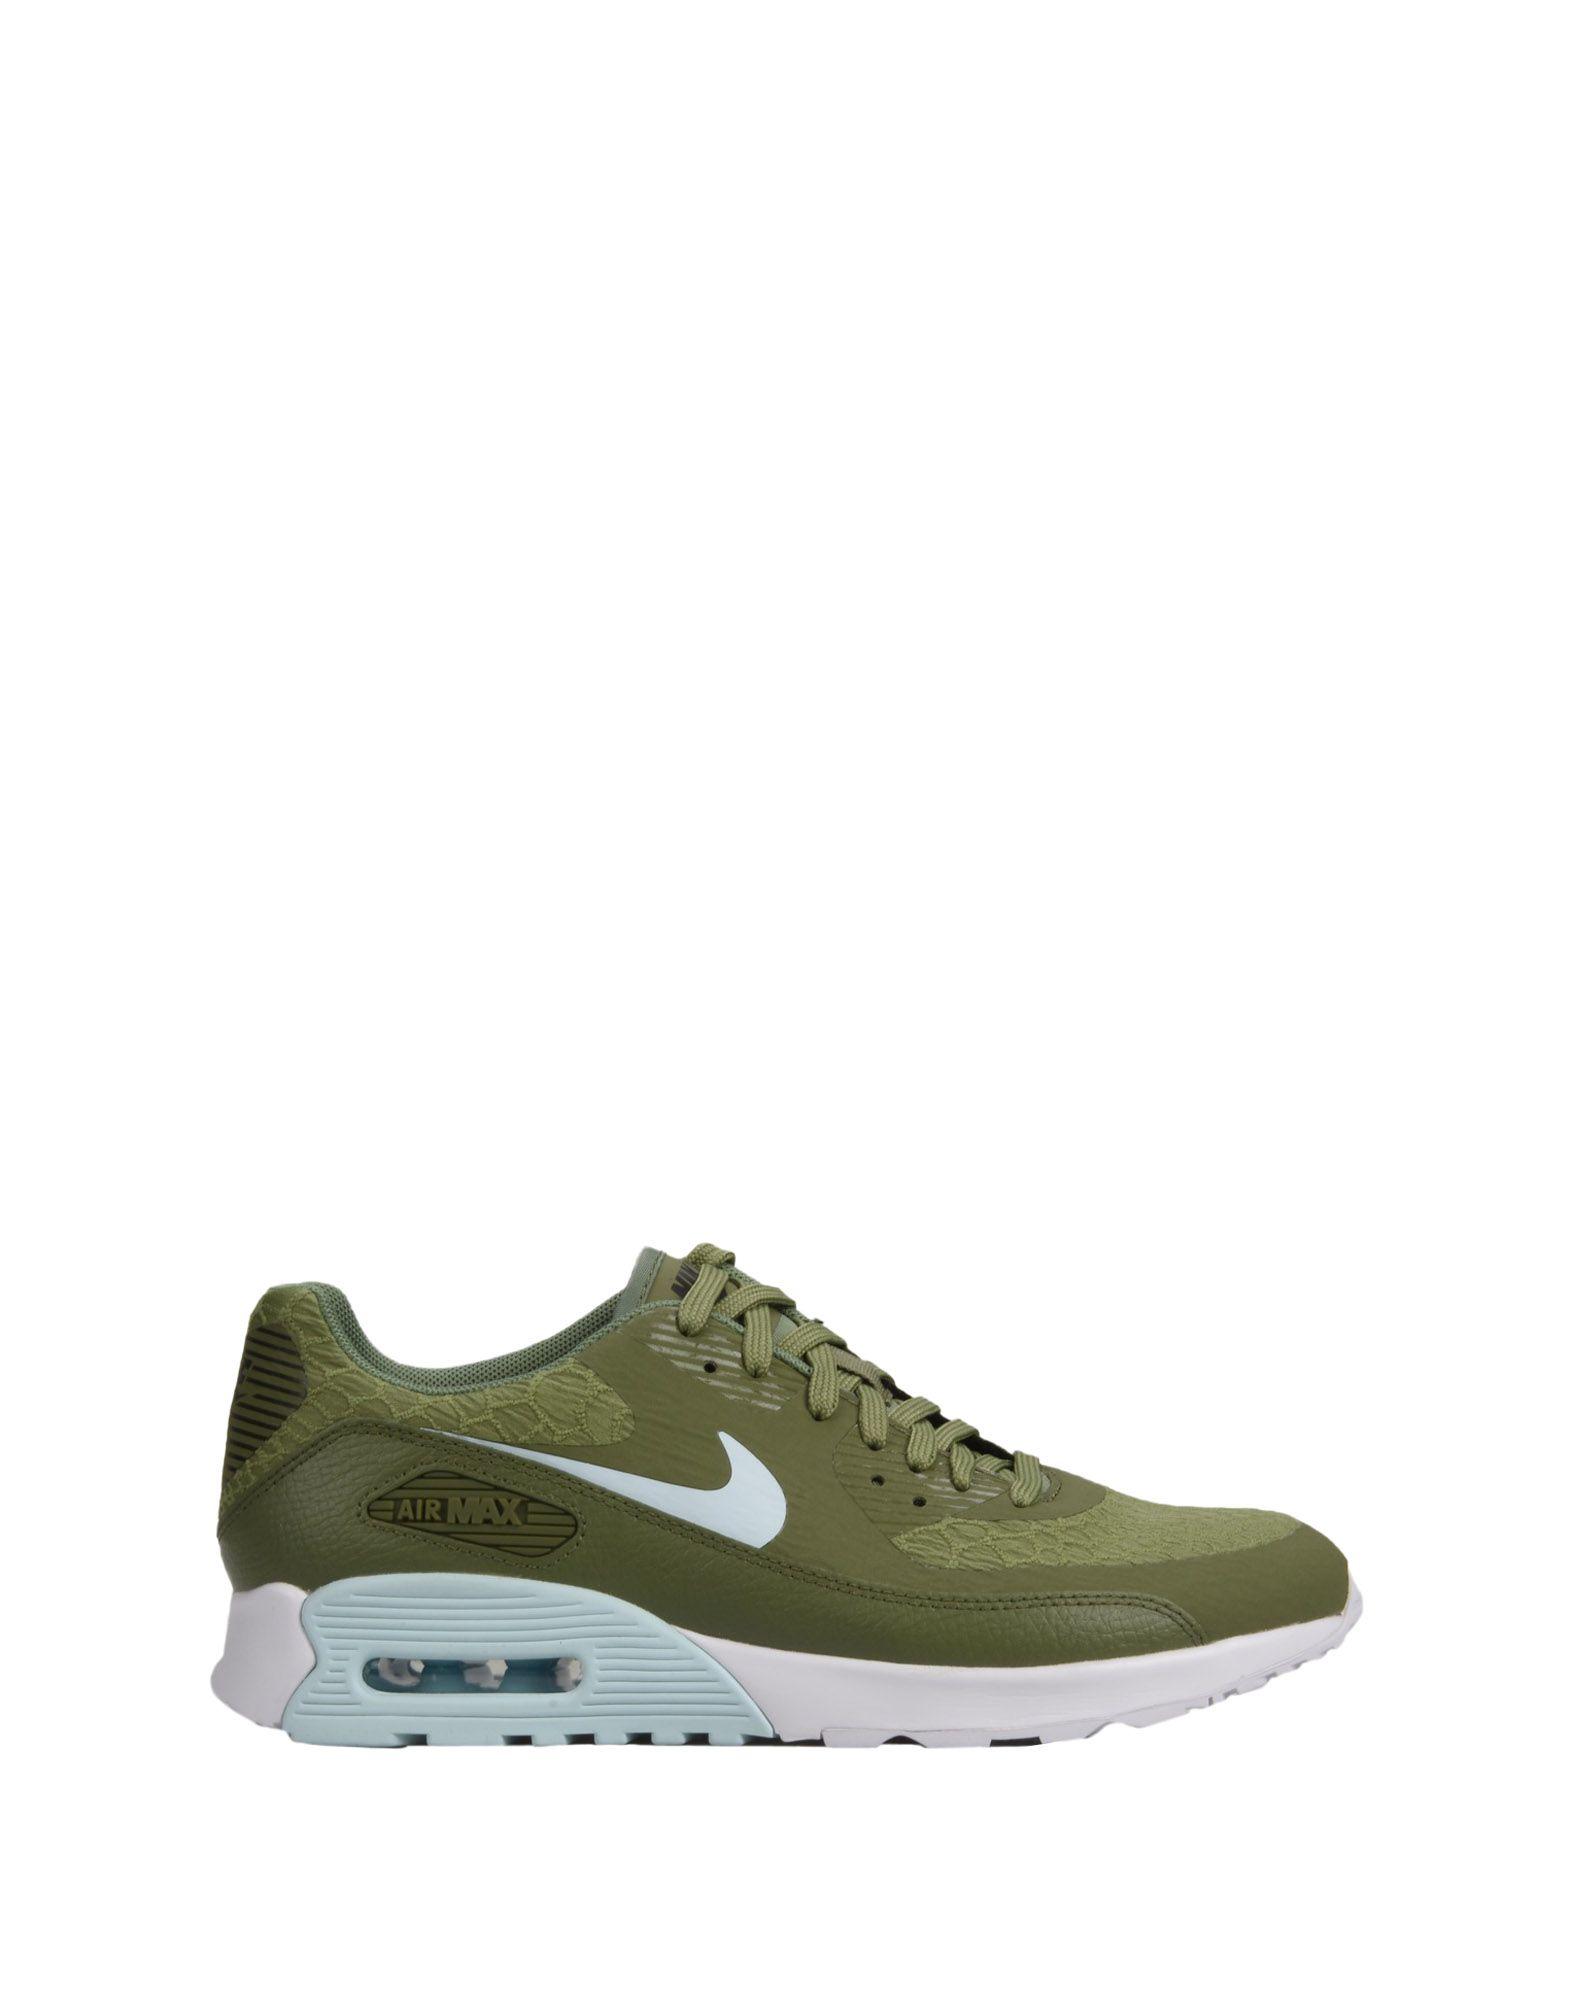 ... Sneakers Nike Air Max 90 Ultra 2.0 - Femme - Sneakers Nike sur ...